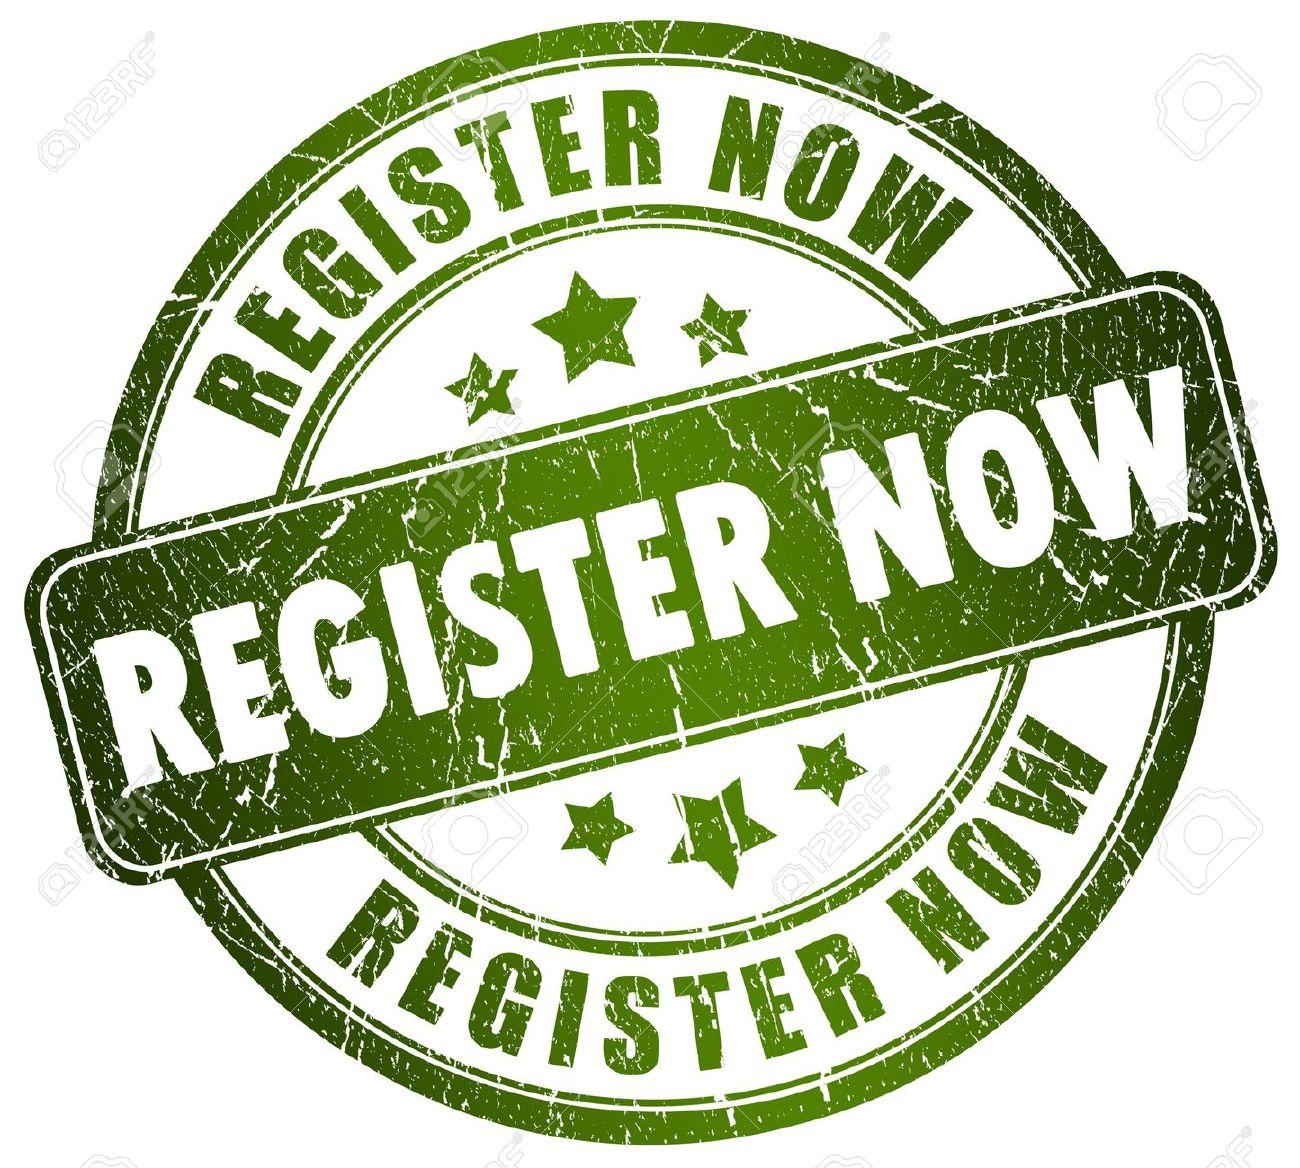 Only days left to register for Handling Network Warehousing Seminar